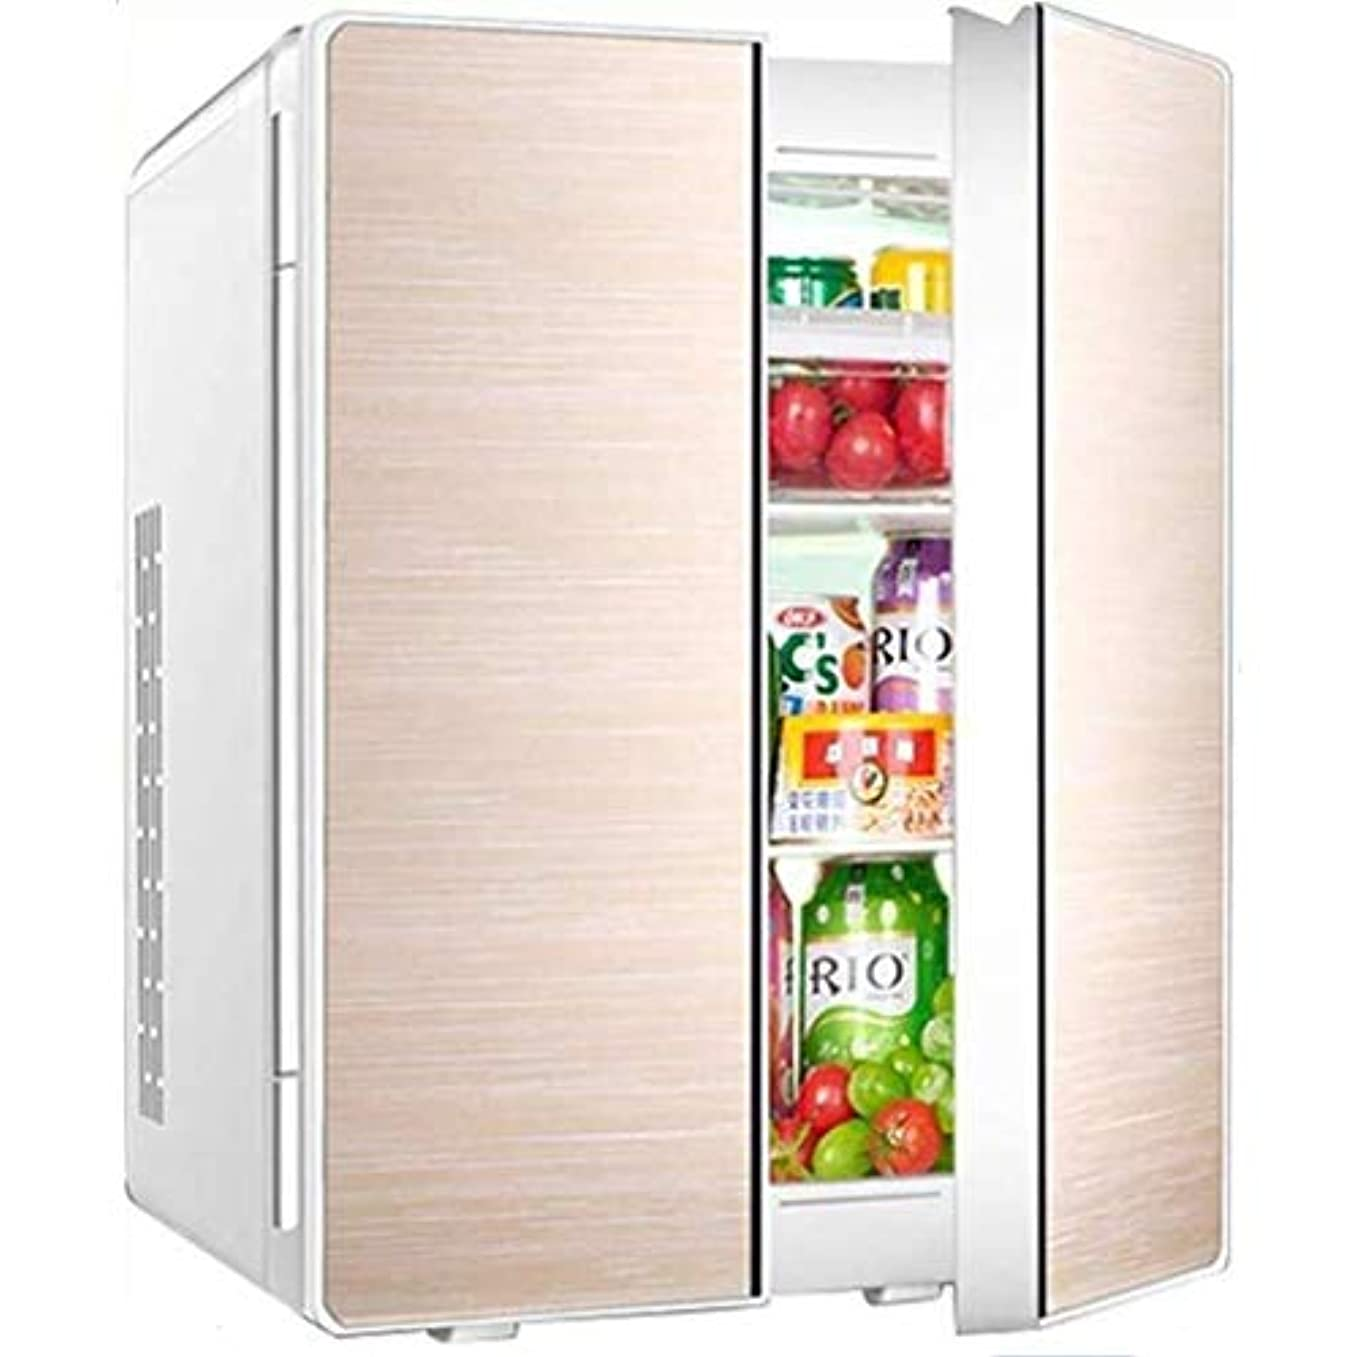 種をまくに対して証言するデュアルコア冷凍、ホームドミトリー静かなデスクトップミニバー25Lミニカー冷蔵庫ダブルドアデザインカーホームデュアルユースミニ冷蔵庫(色:A)